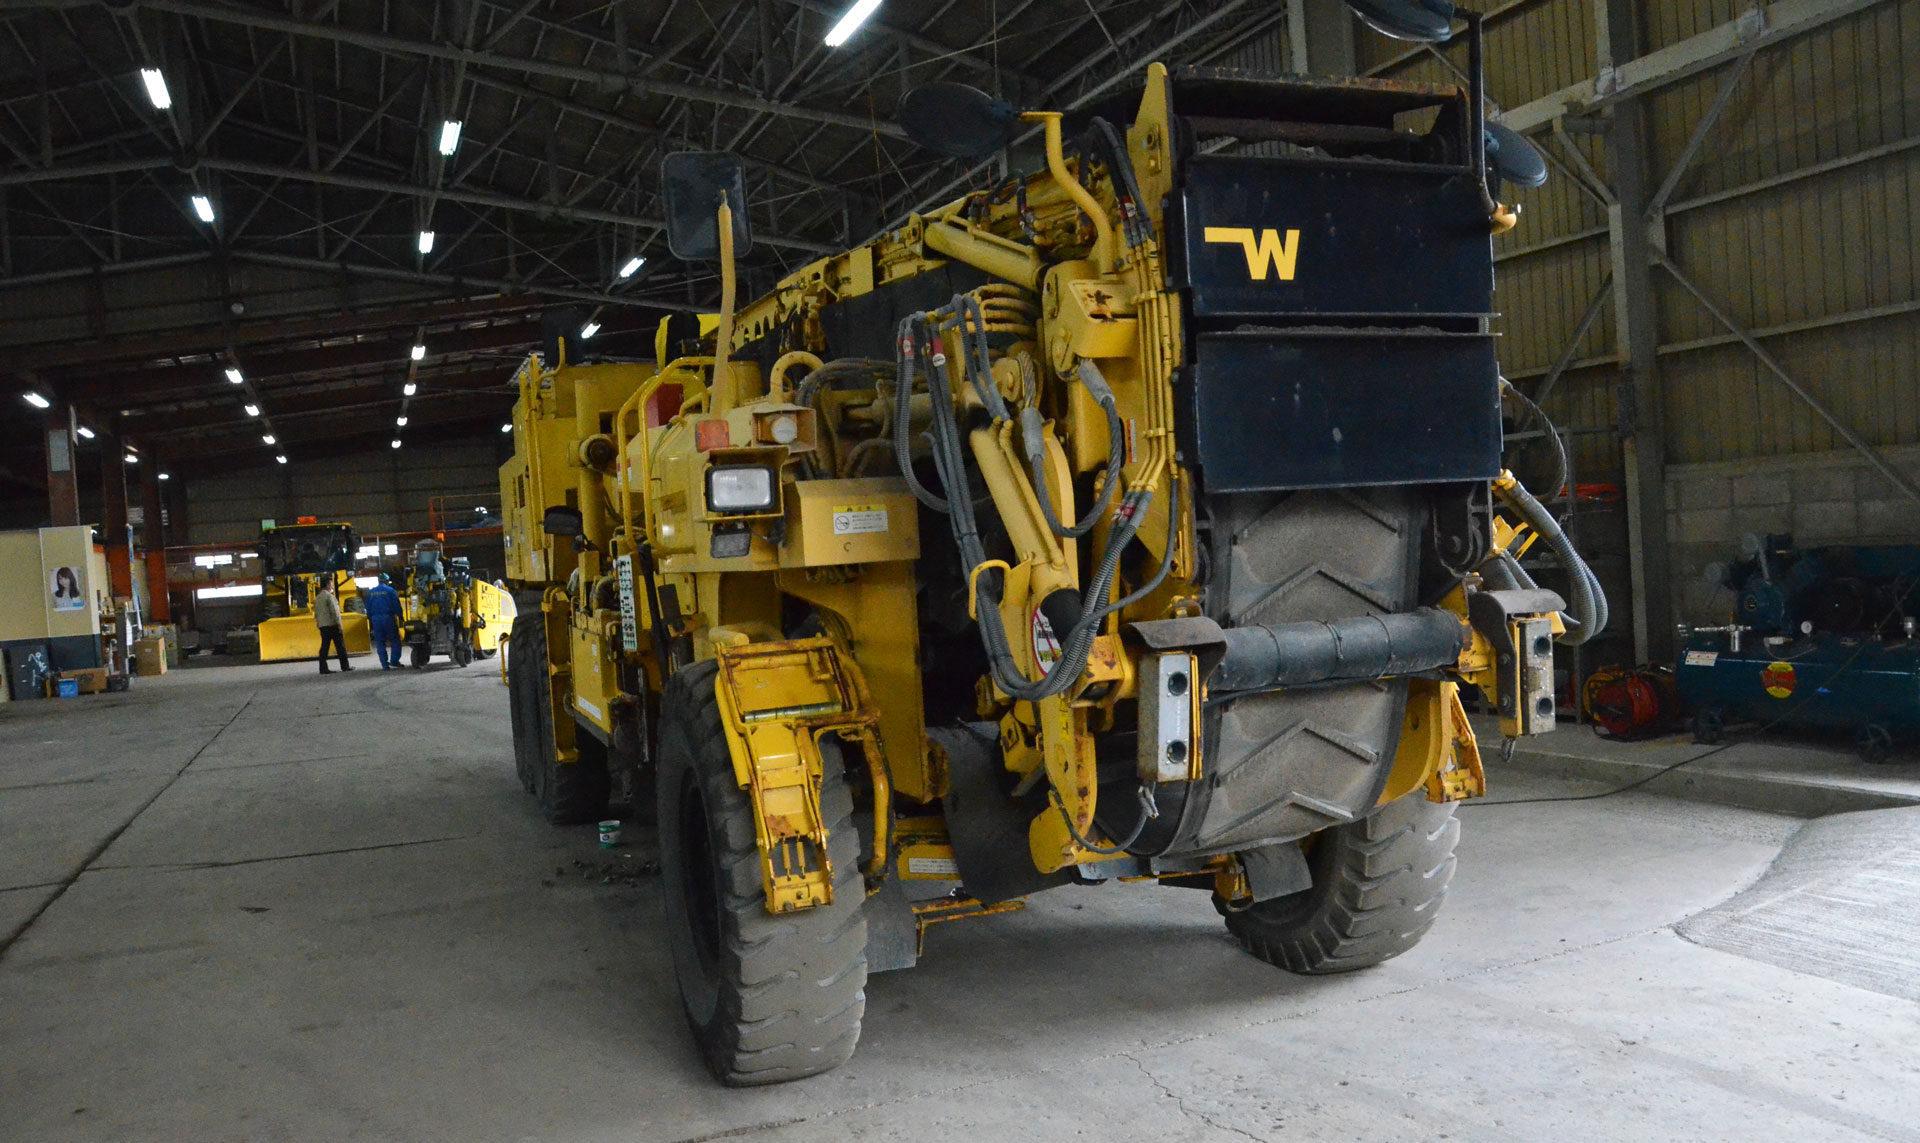 大型路面切削機を何台も同時にメンテナンス作業ができる広さを確保